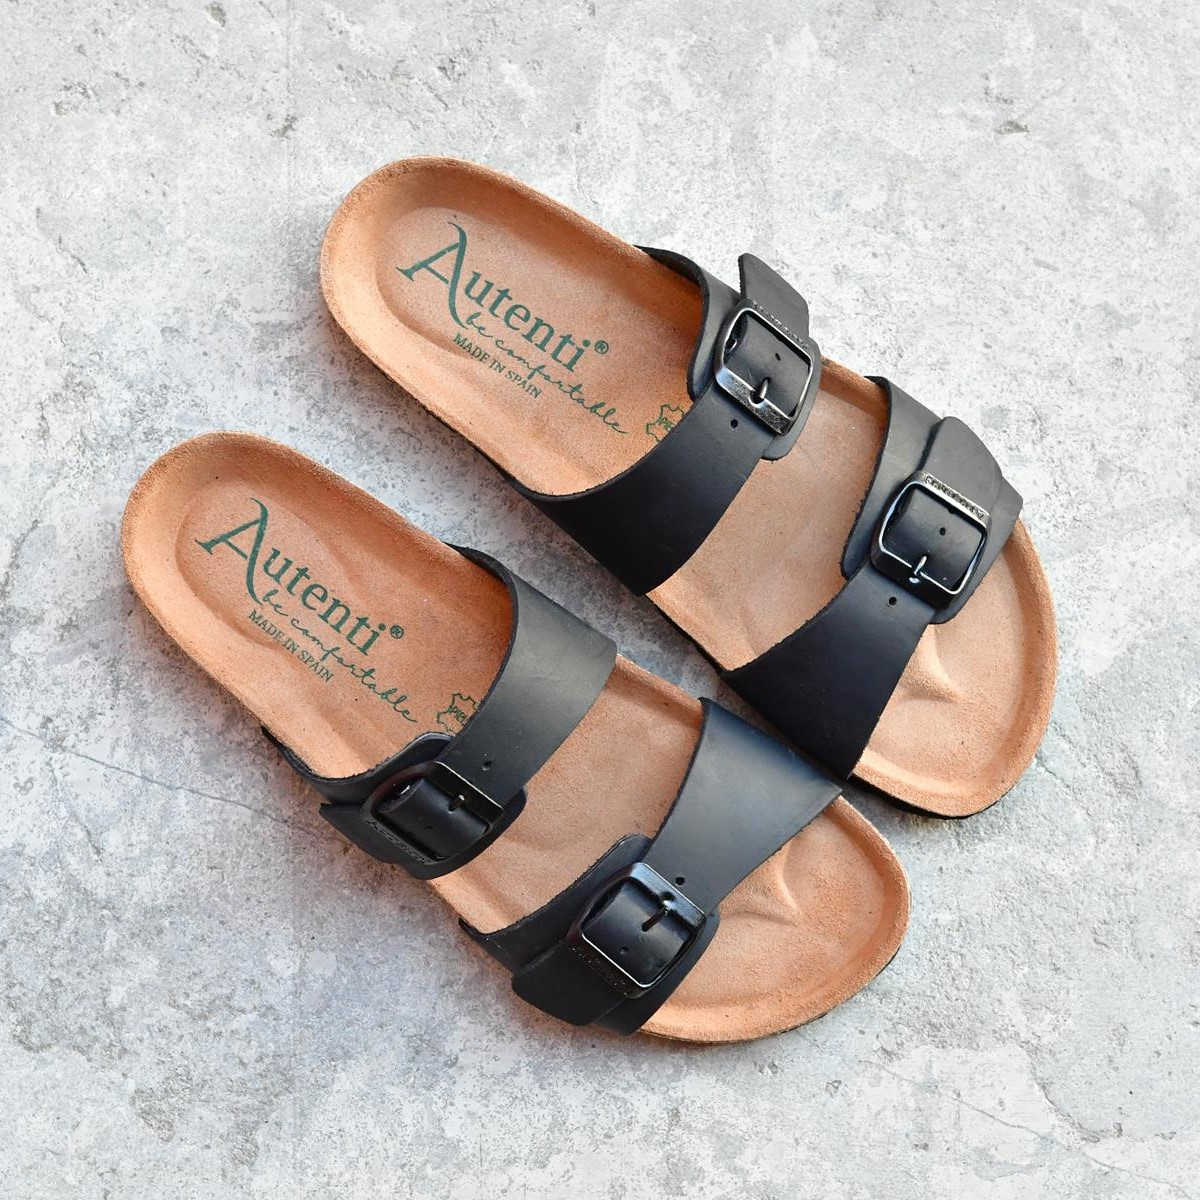 7112_AmorShoes-Auntenti-by-Penta-sandalia-bio-dos-tiras-con-hebilla-para-mujer-chicas-de-piel-premium-color-negro-7112-home